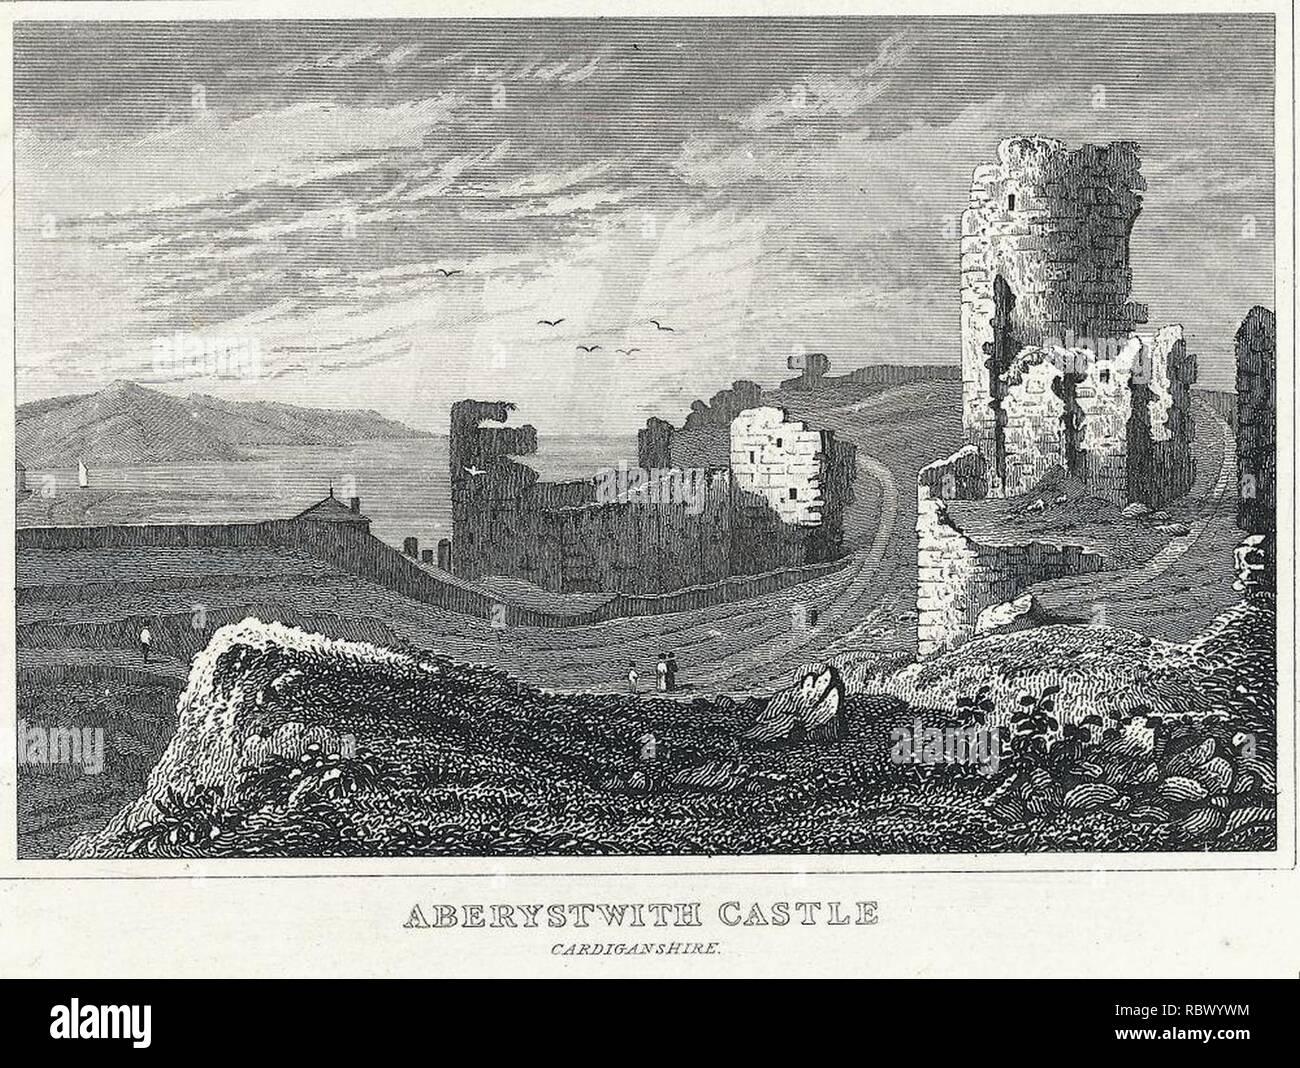 Aberystwith Castle, Cardiganshire (1130749). - Stock Image